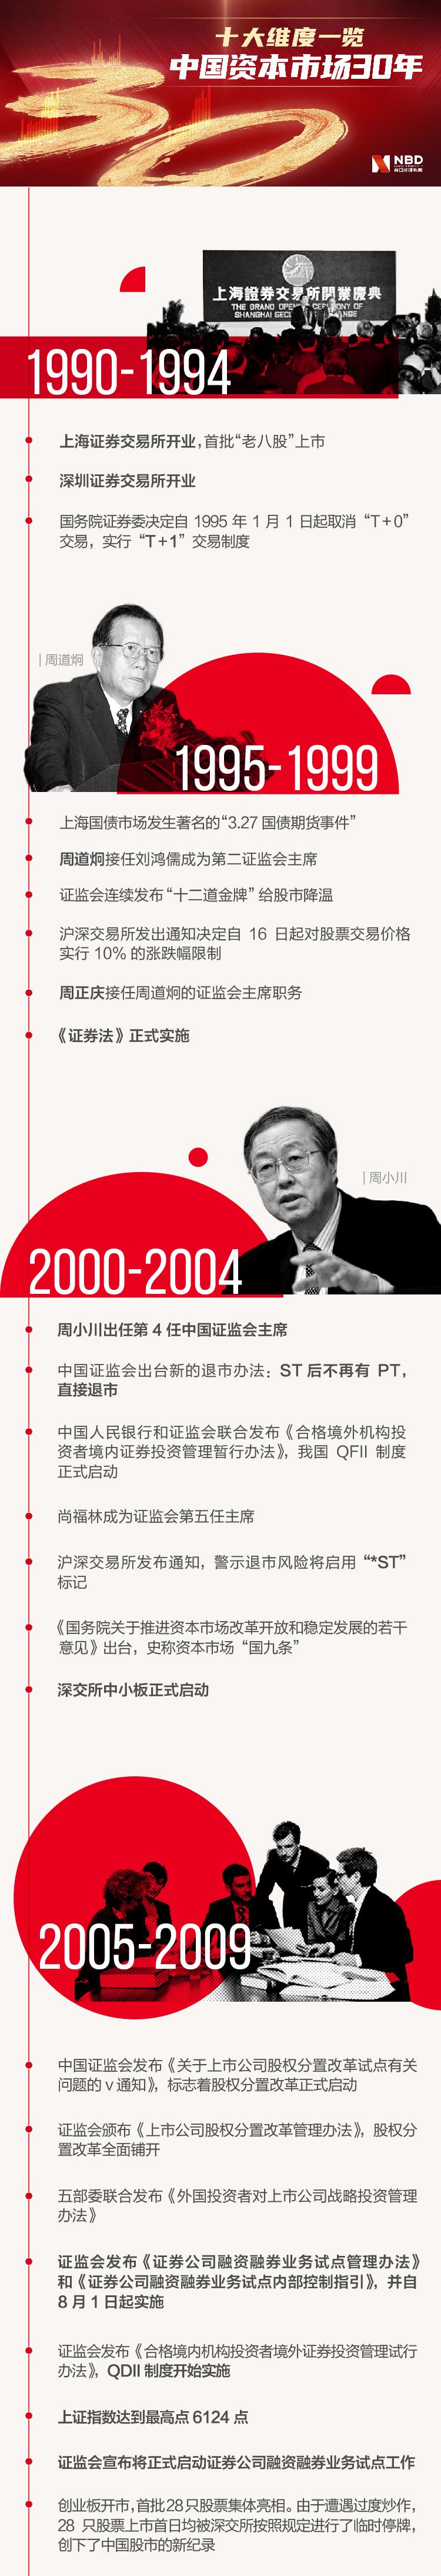 市值从28亿到81万亿不等。纵观中国资本市场30年